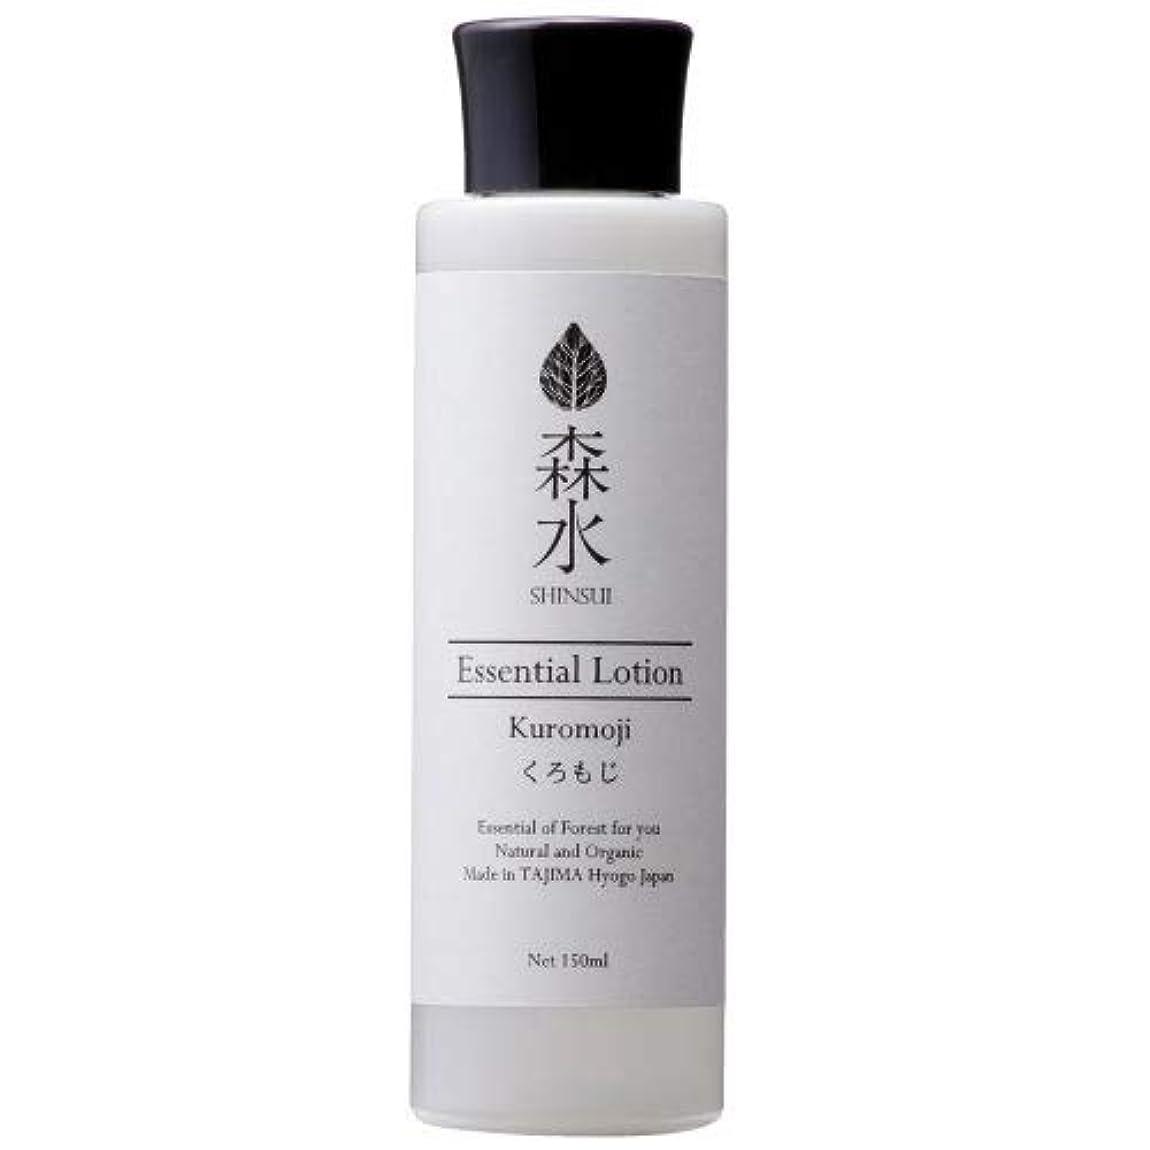 ショルダースパイラルトレイル森水-SHINSUI シンスイ-くろもじ化粧水(Kuromoji Essential Lotion)150ml